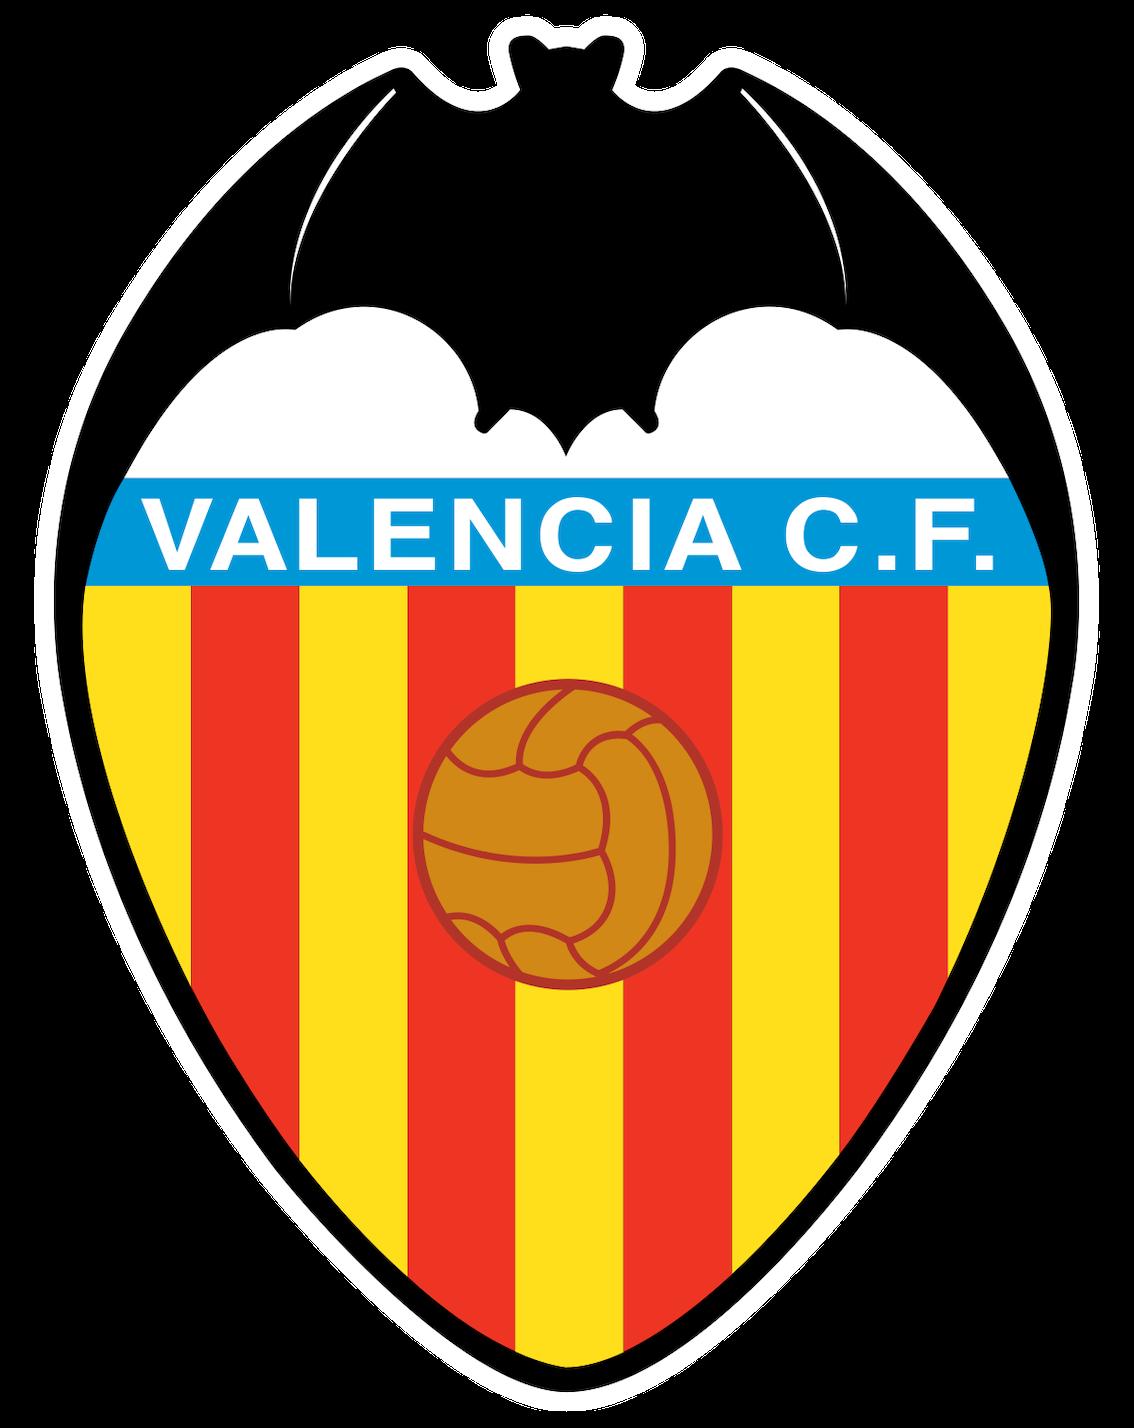 Valencia C.F. Club logo.